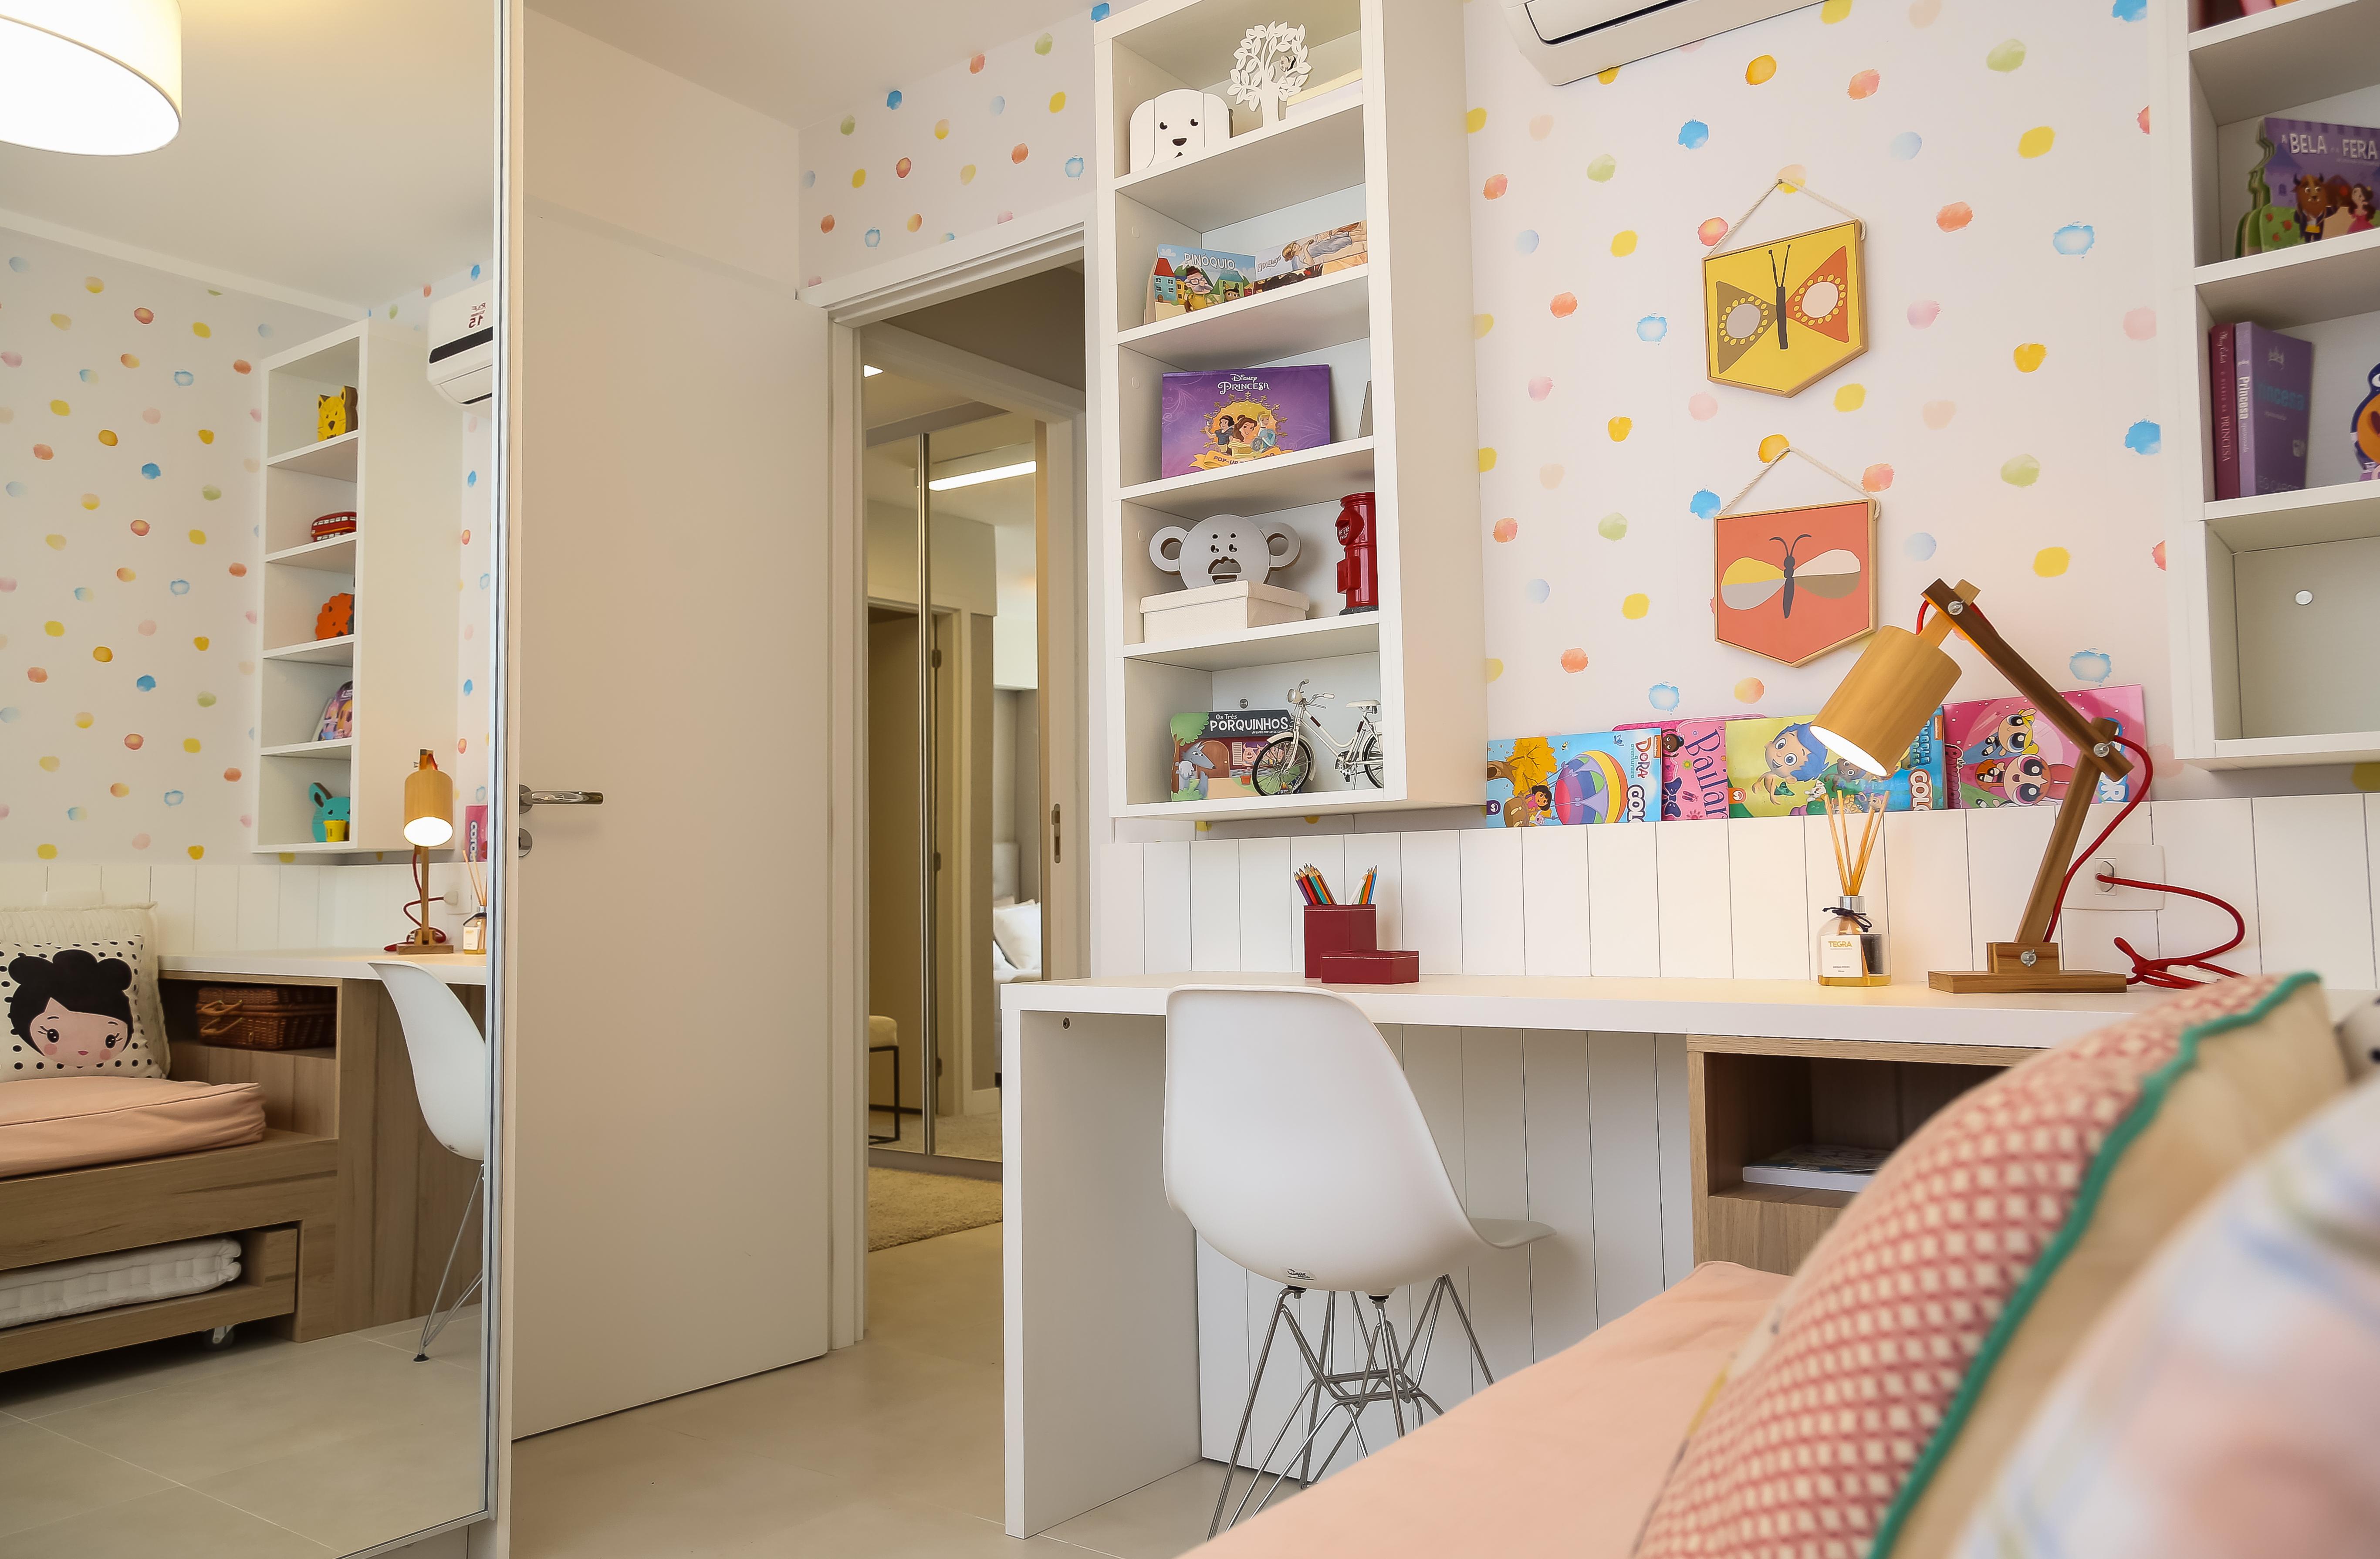 Casa Papel de Parede Decoração Infantil Madeirol Móveis Planejados